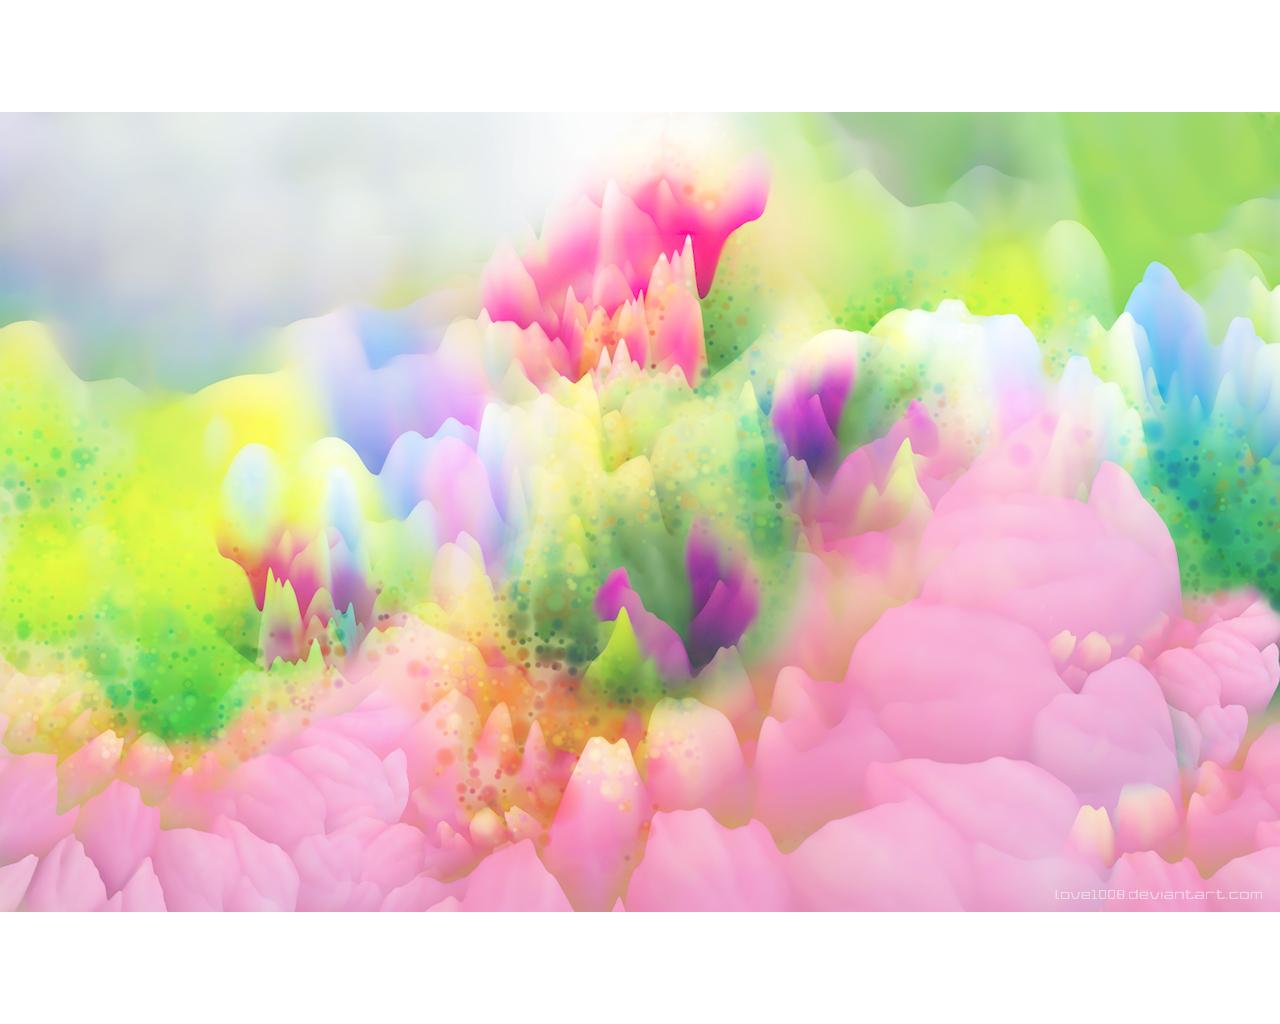 Dreambliss 2 by love1008